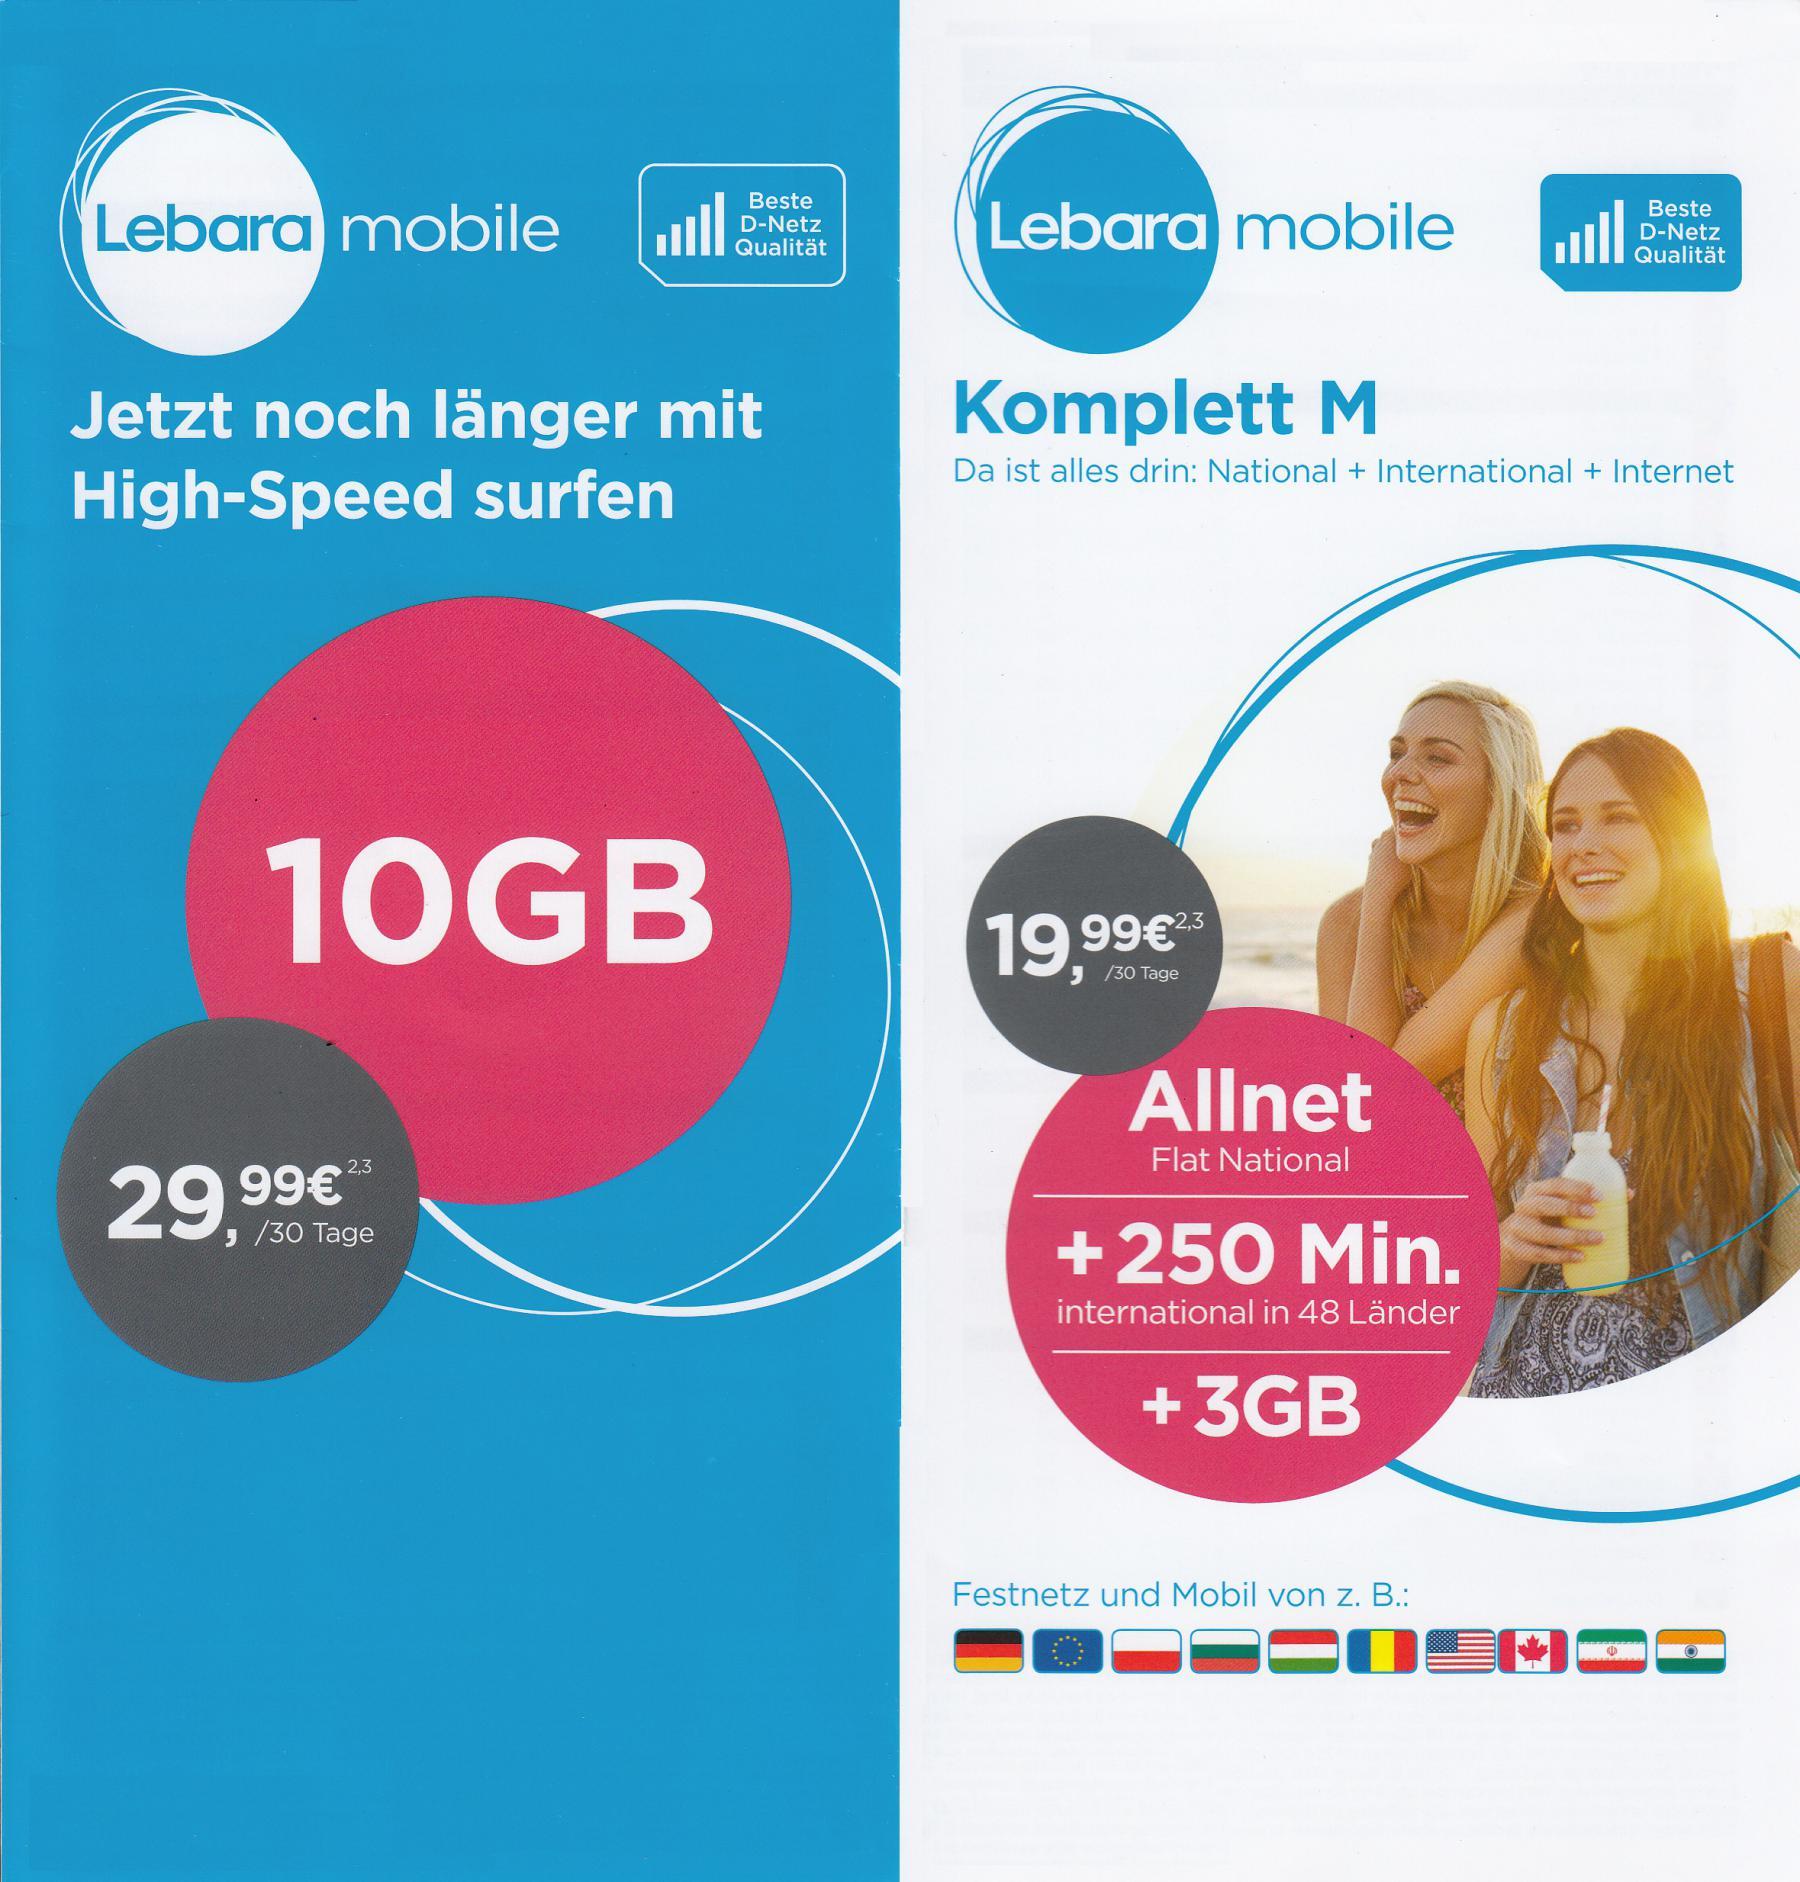 prepaid karte mit internet Prepaid Karte mit bis 50 GB Internet; kostenfrei telefonieren in D